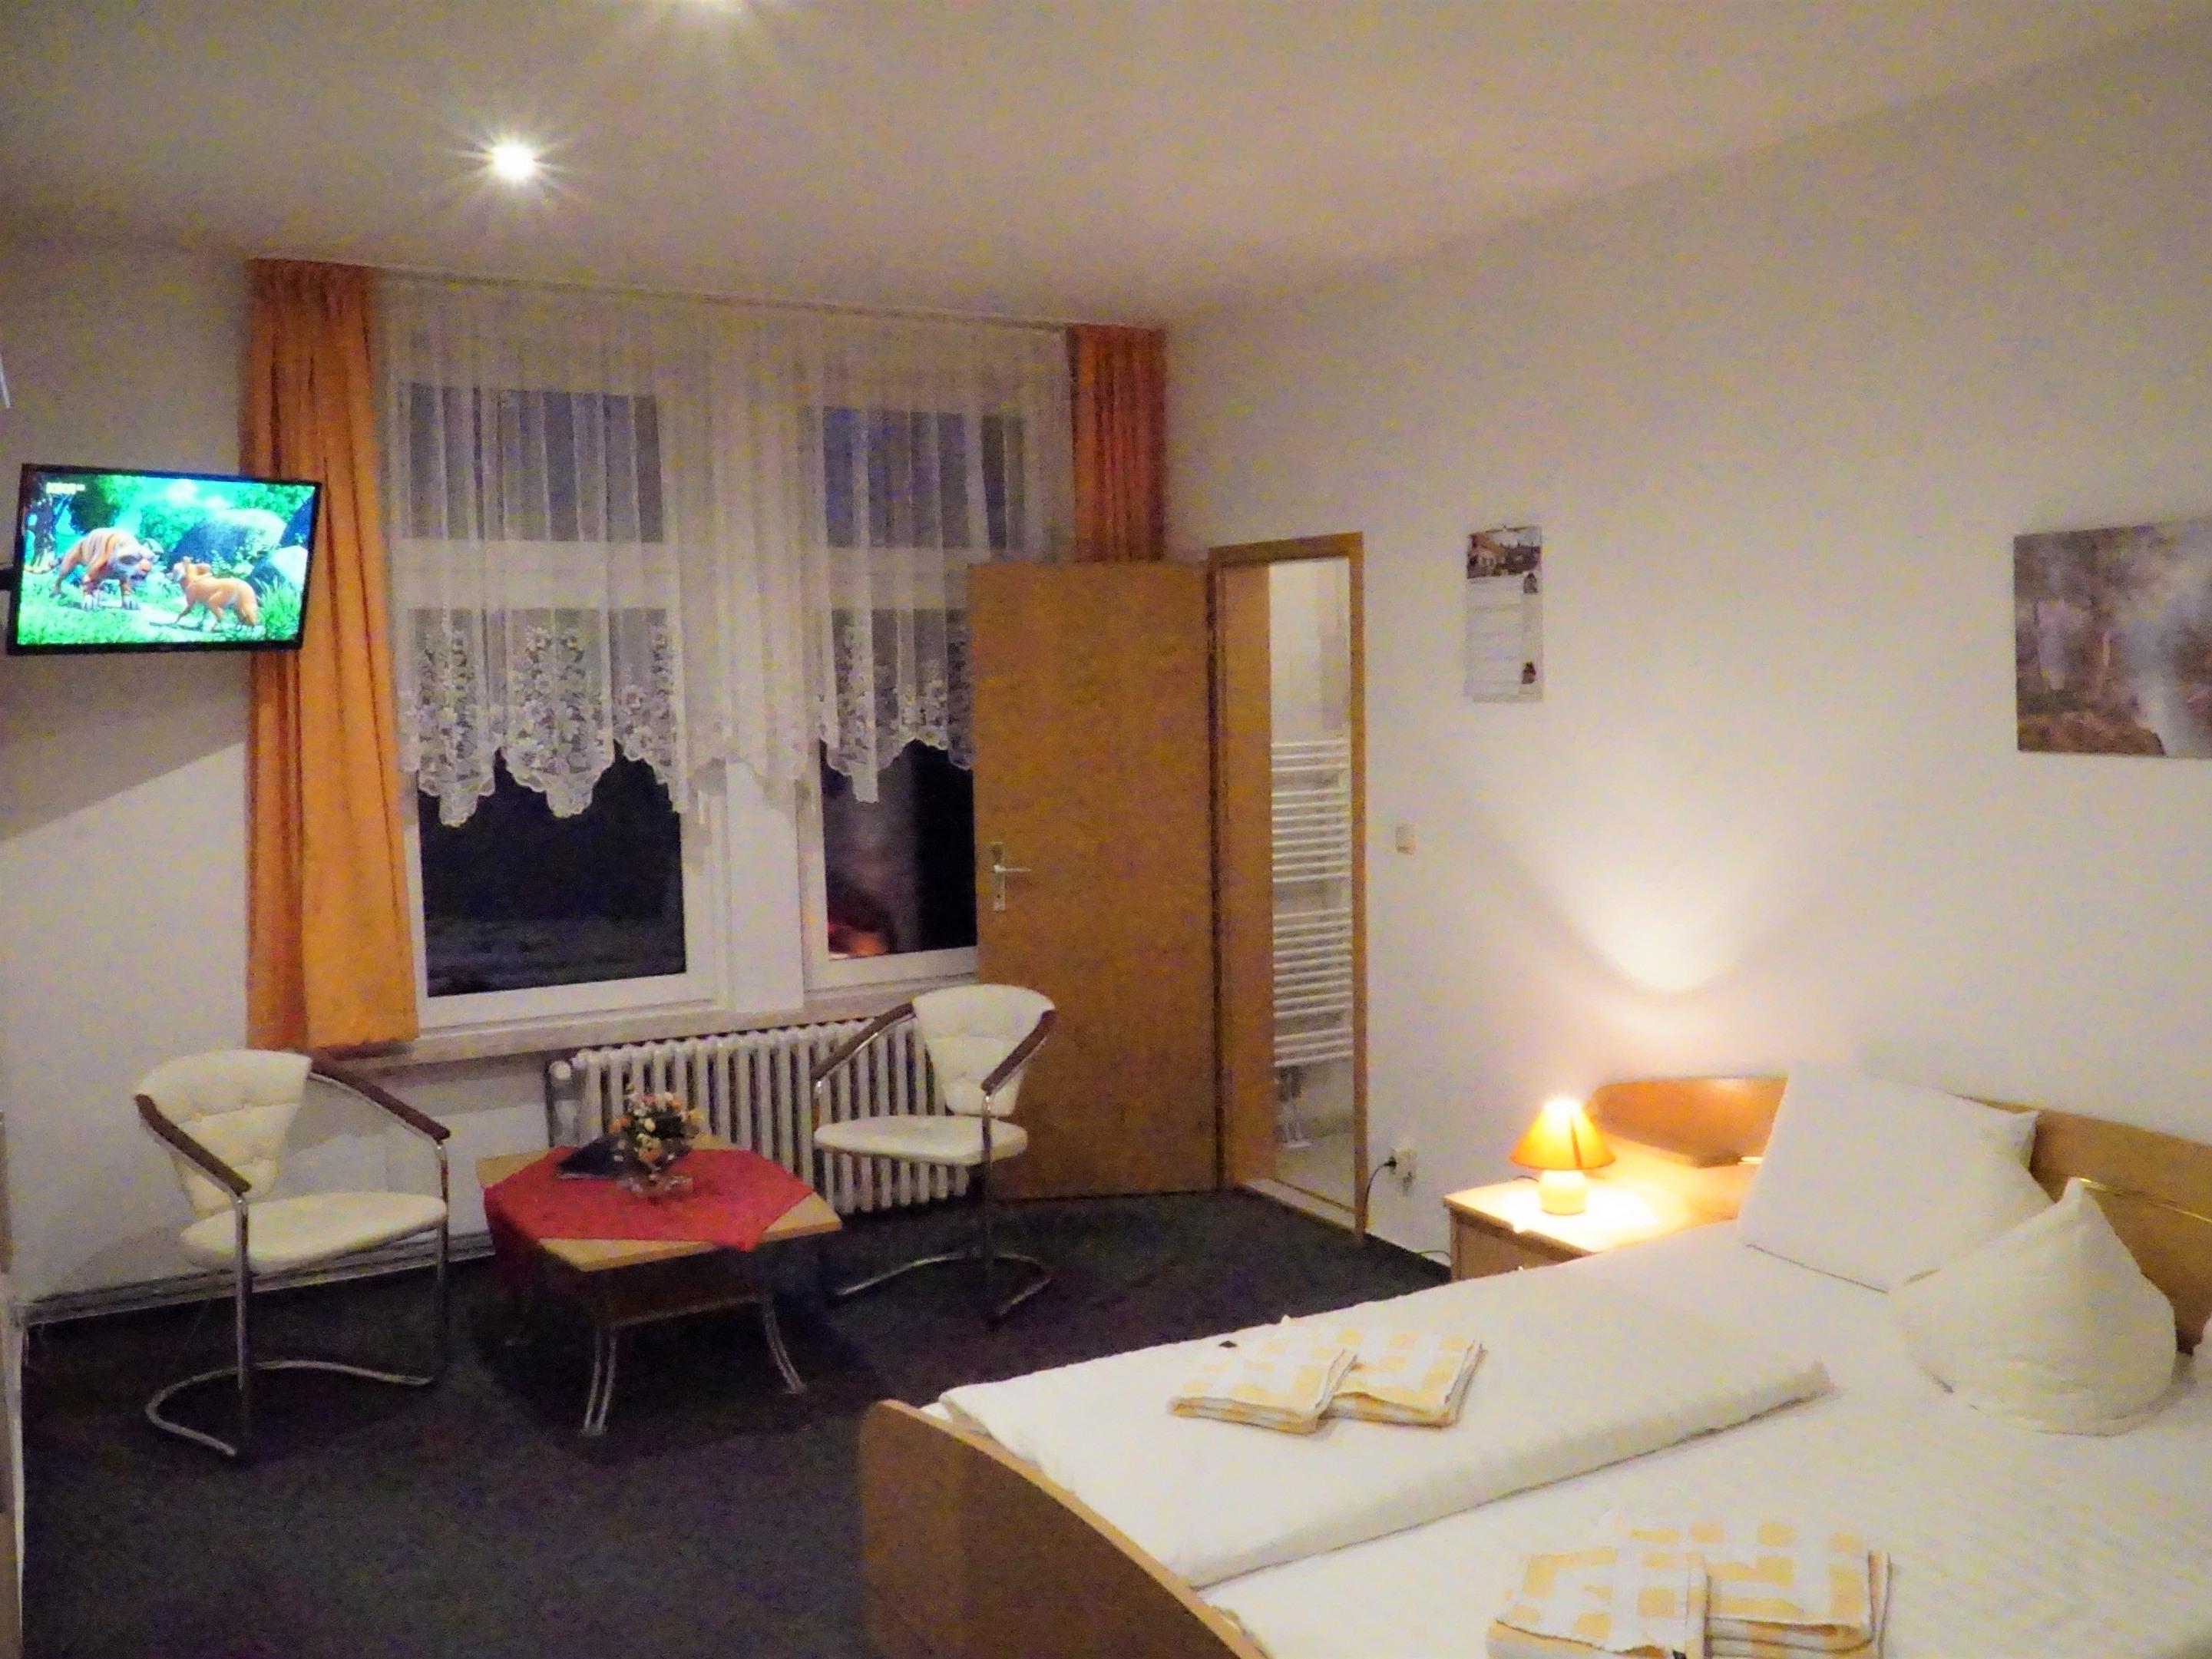 Doppelzimmer-Standard-Ensuite Dusche